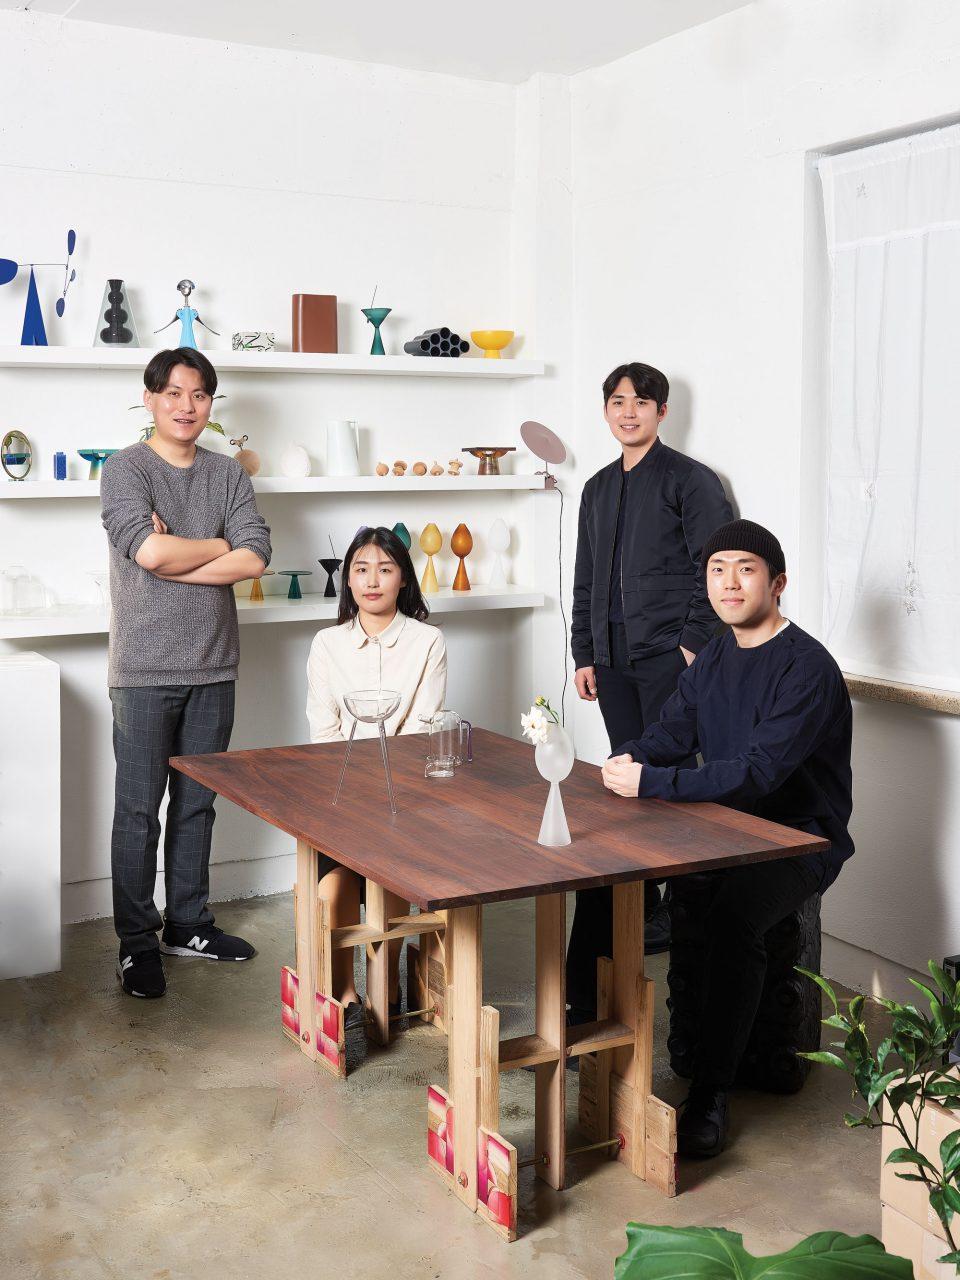 크래프트 콤바인 구성원으로 왼쪽부터 박윤, 김예진, 이기용, 조준익.